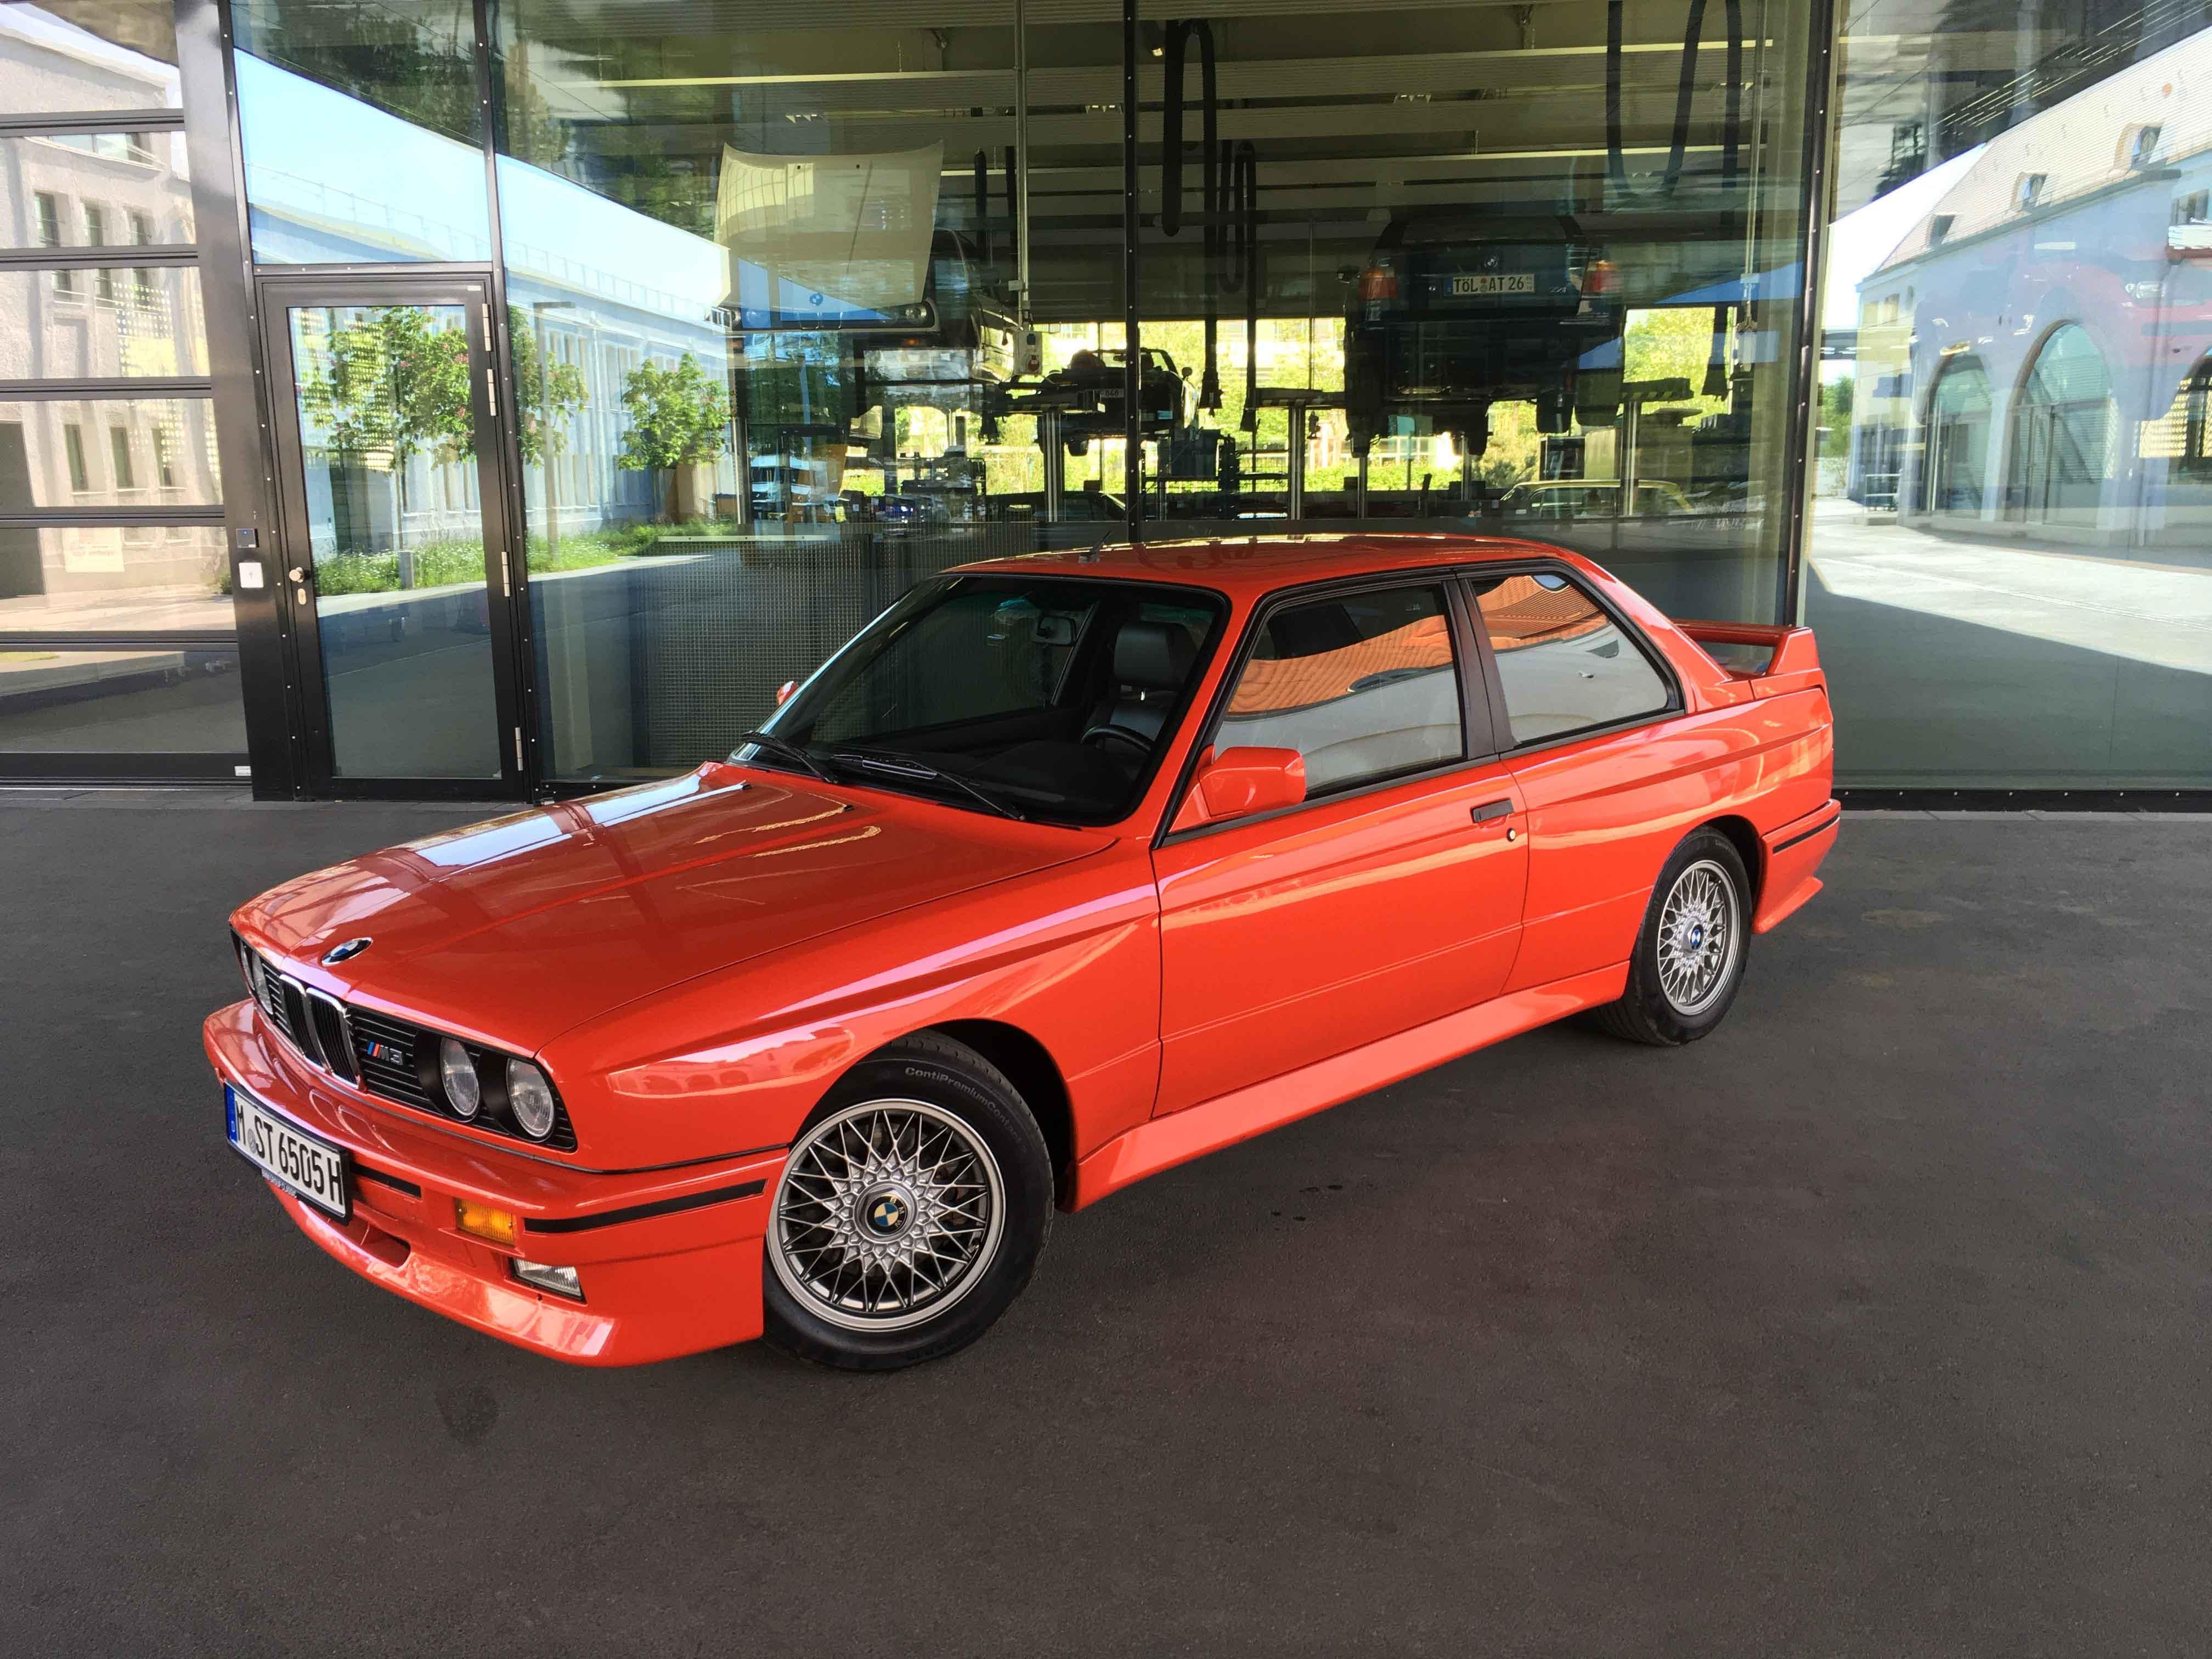 1987 BMW M3 Front 3/4 building